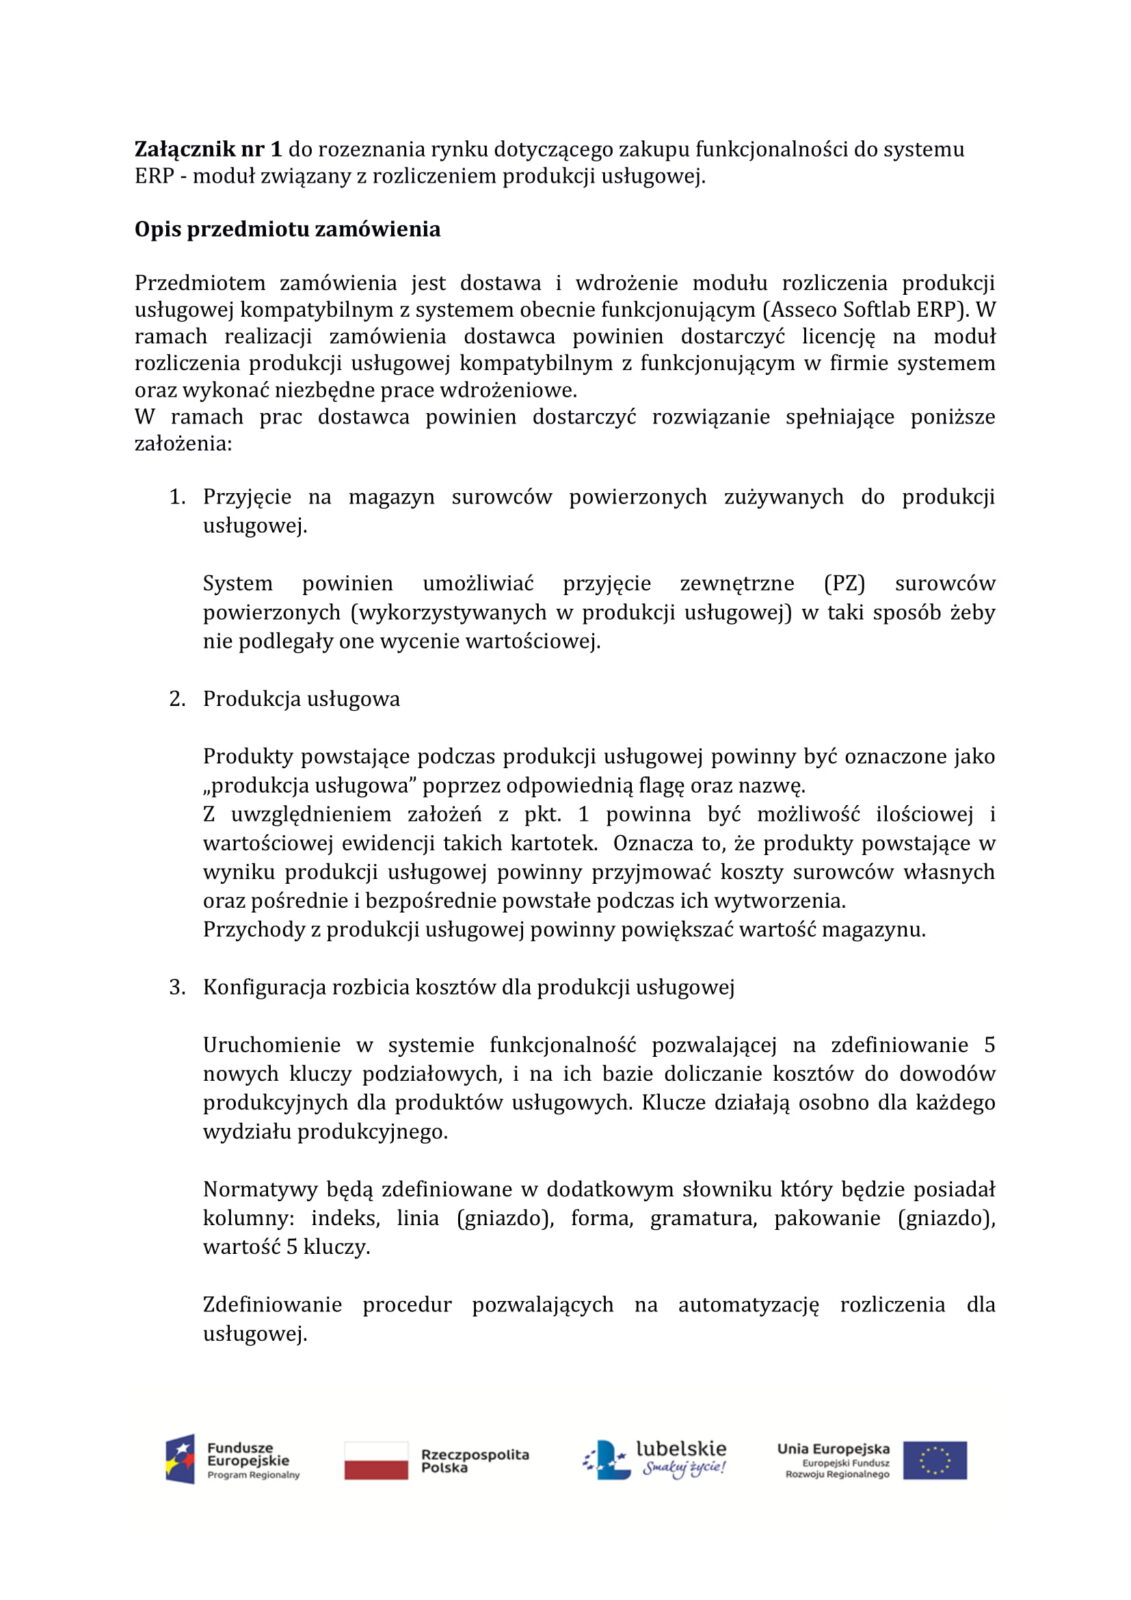 https://stoczek.com.pl/wp-content/uploads/2021/01/Zalacznik-nr-1-opis-przedmiotu-zamowienia-13.01.20-1.pdf